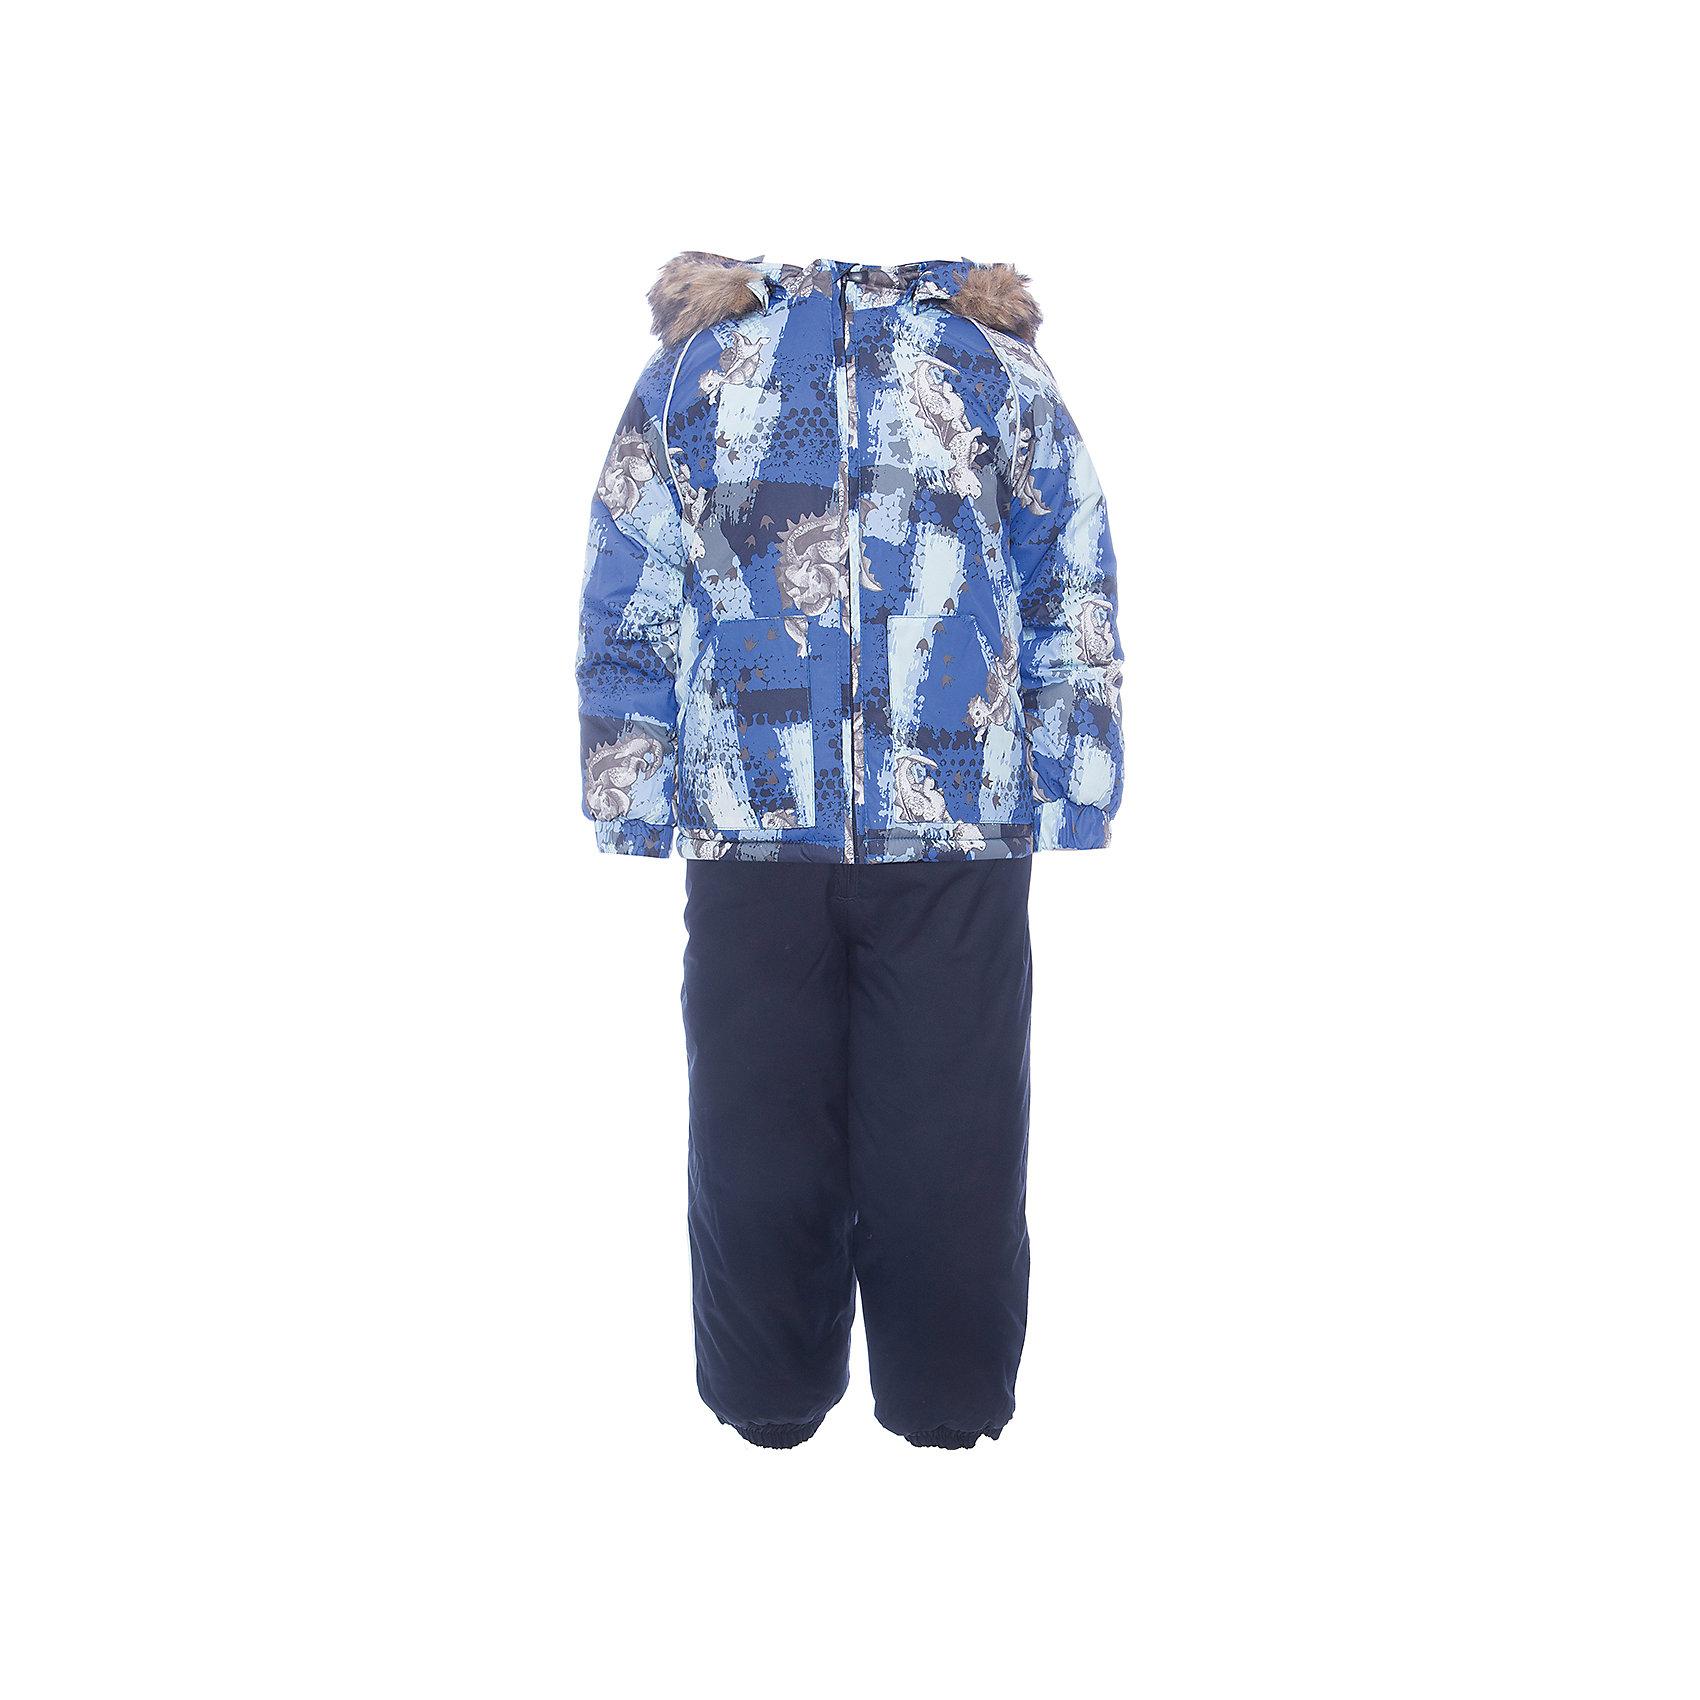 Комплект: куртка и брюки AVERY HuppaВерхняя одежда<br>Комплект для малышей  AVERY.Водо и воздухонепроницаемость 5 000 куртка / 10 000 брюки. Утеплитель 300 гр куртка/160 гр брюки. Подкладка фланель 100% хлопок.Отстегивающийся капюшон с мехом.Манжеты рукавов на резинке. Манжеты брюк на резинке.Добавлены петли для ступней.Резиновые подтяжки.Имеются светоотражательные элементы.<br>Состав:<br>100% Полиэстер<br><br>Ширина мм: 356<br>Глубина мм: 10<br>Высота мм: 245<br>Вес г: 519<br>Цвет: синий<br>Возраст от месяцев: 36<br>Возраст до месяцев: 48<br>Пол: Унисекс<br>Возраст: Детский<br>Размер: 104,80,86,92,98<br>SKU: 7026976